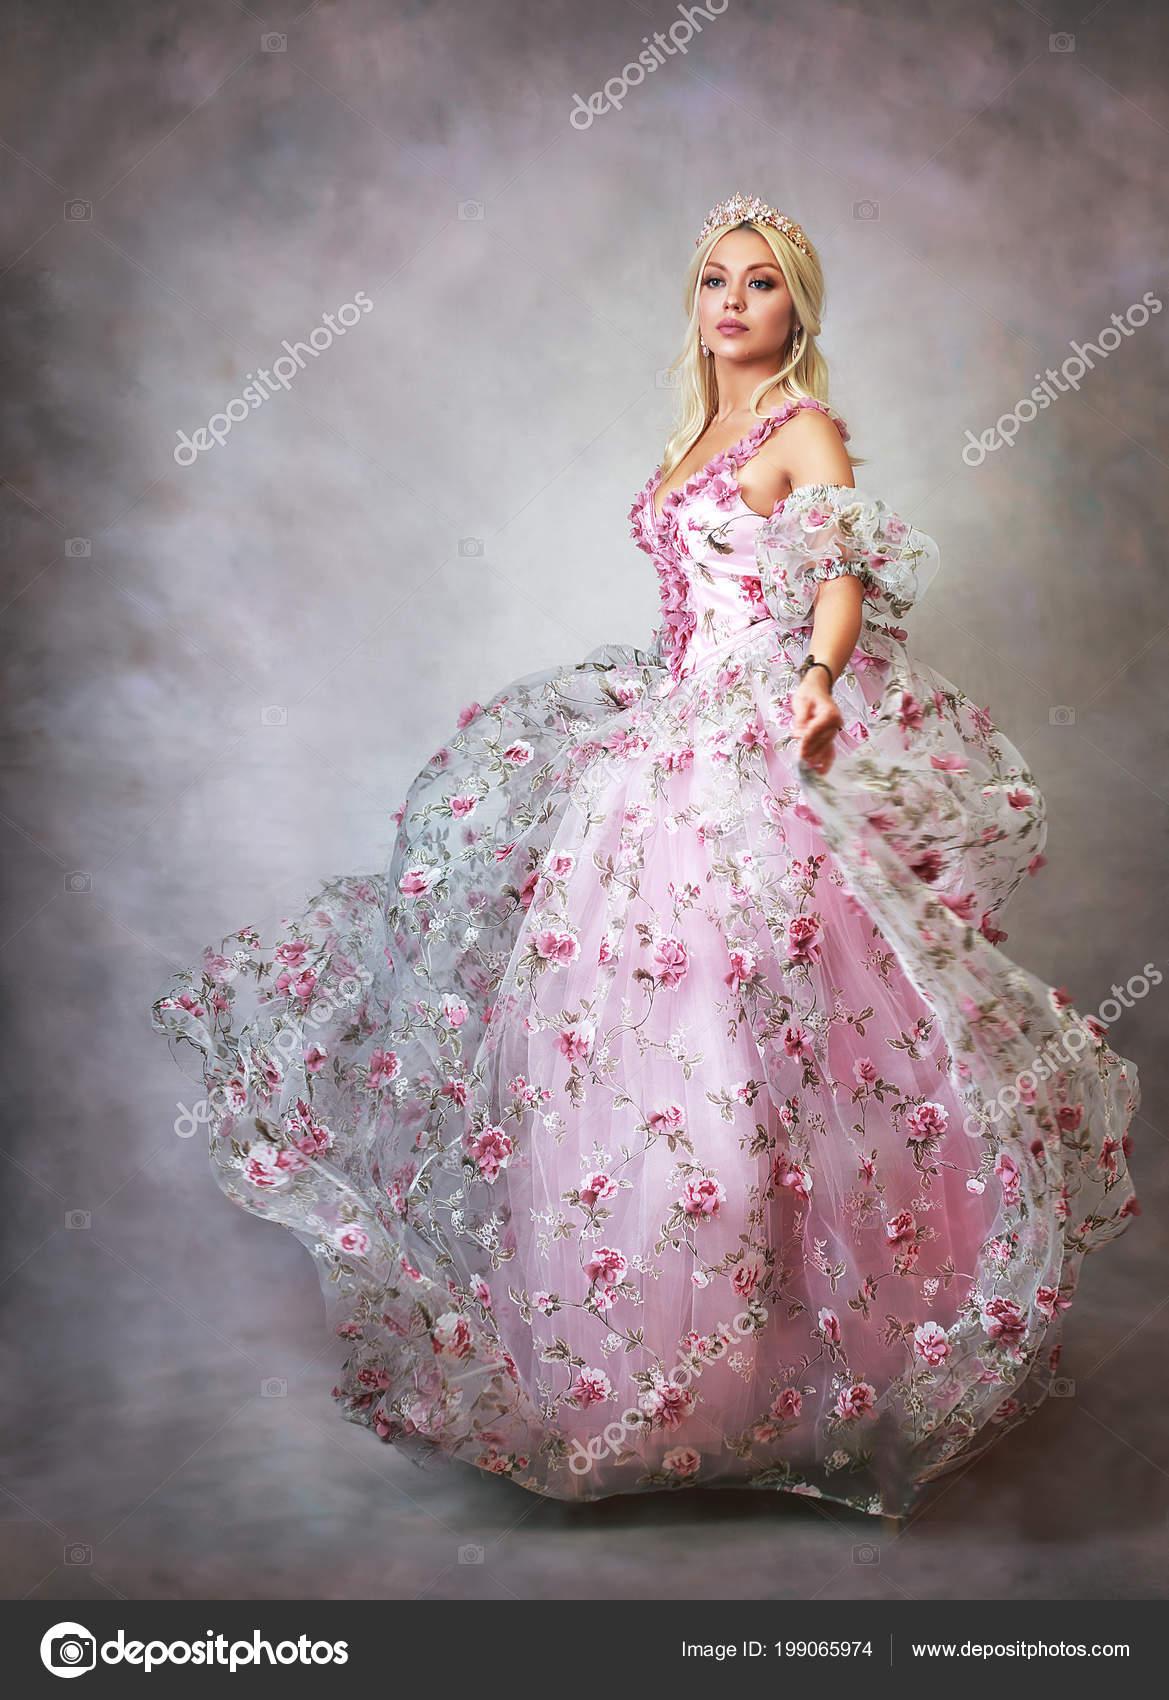 Vestido Princesa Bella Vestido Rosa Con Encaje Rosas Foto